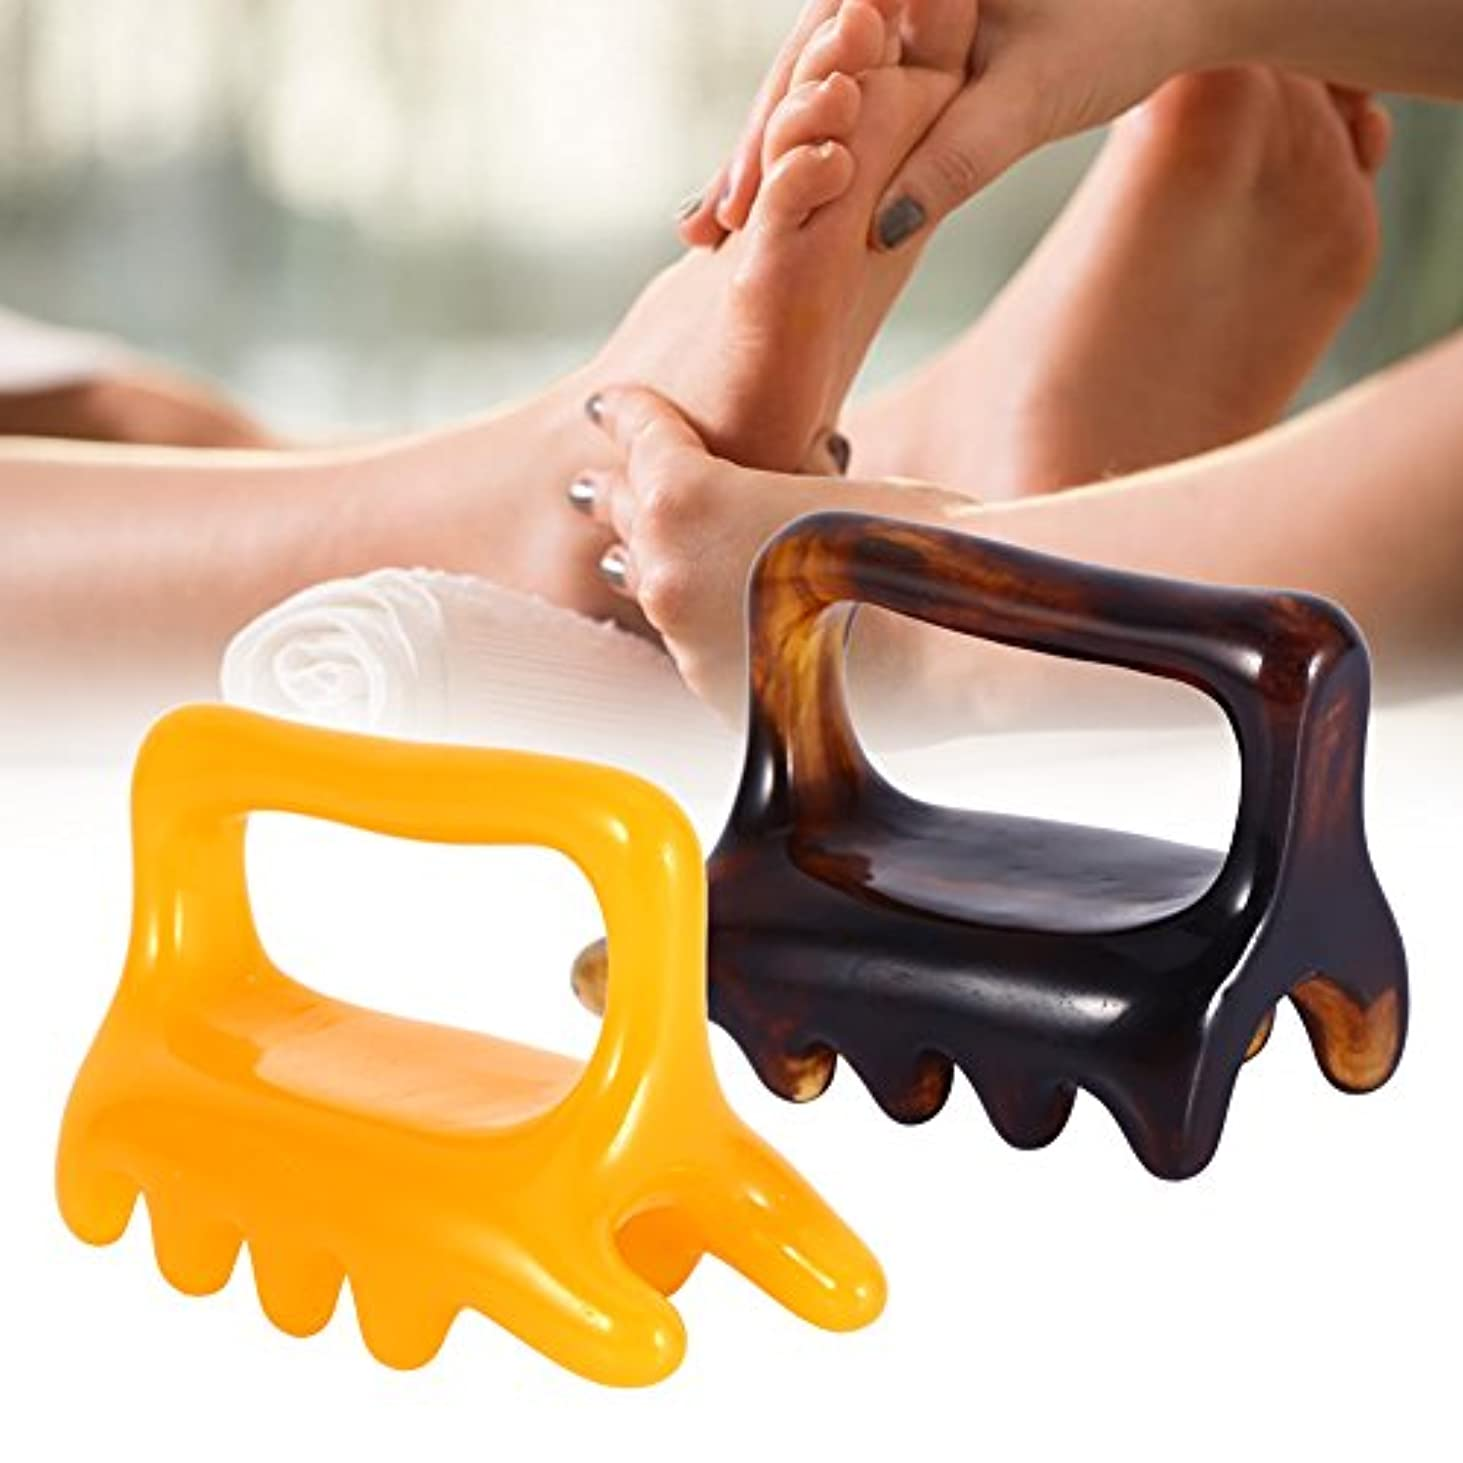 薬理学グラマーモンク1pc Face/Body Massage resin Gua Sha acupress toolオカリナ型 カッサ ツボ押し蜜蝋 マッサジ棒 (Yellow)